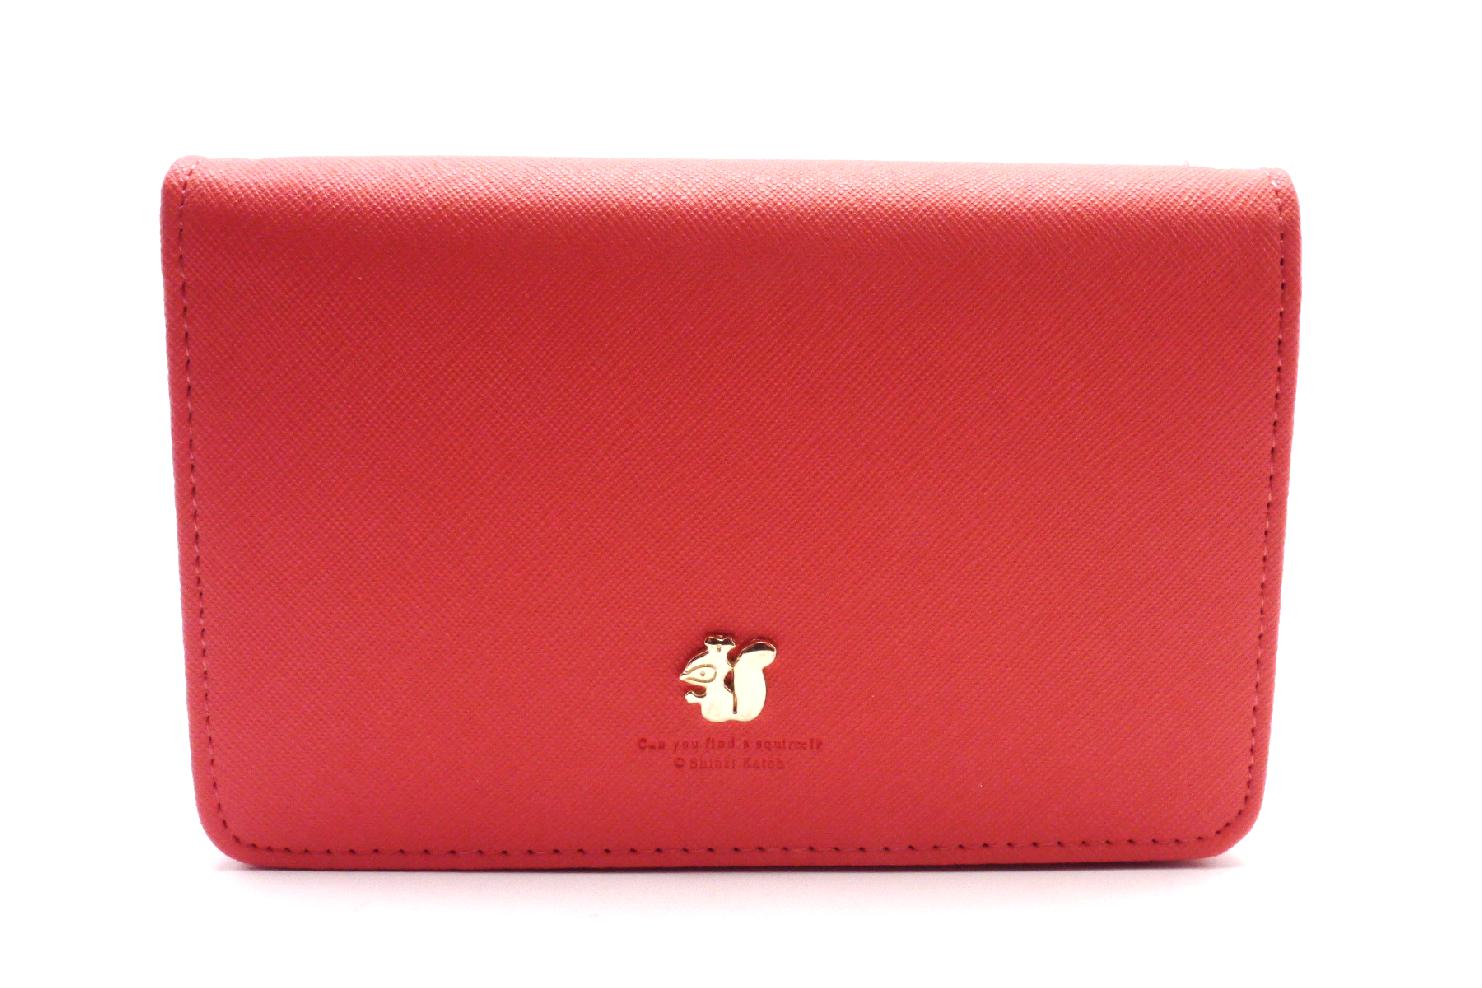 Móda Čapek Krásná kabelka v kombinaci s peněženkou MCPKZV55